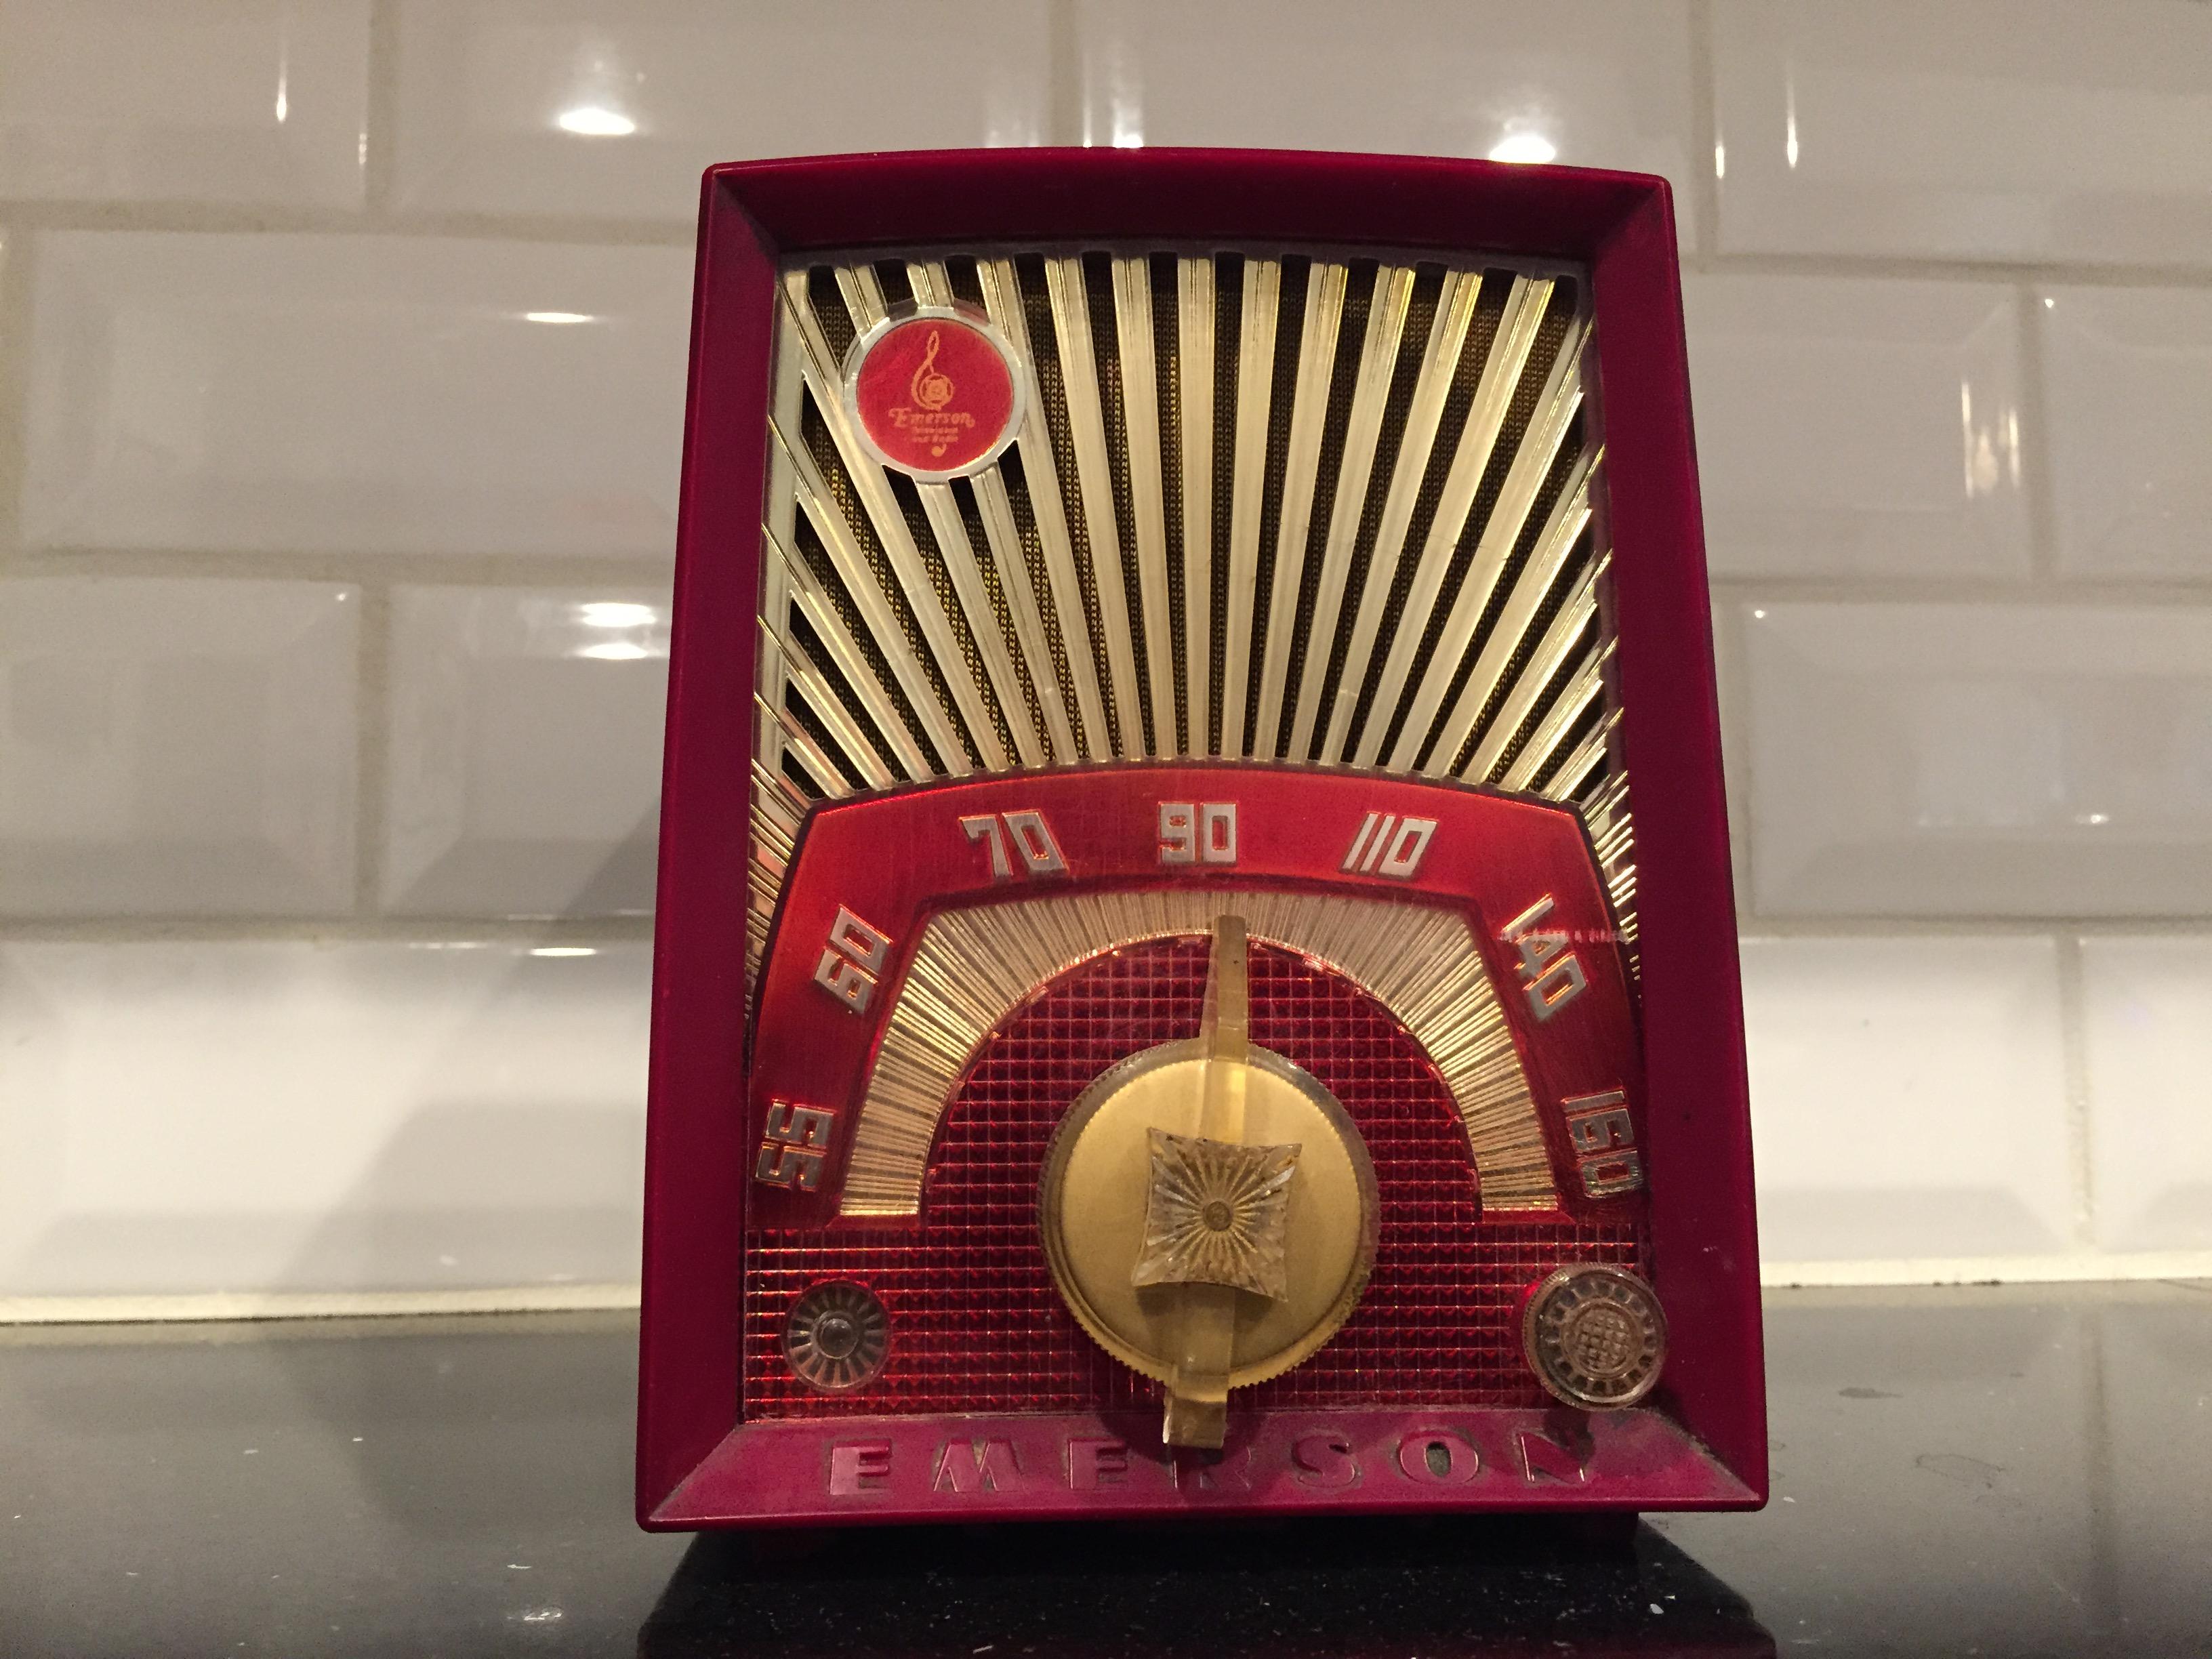 Emerson Sunburst AM radio, circa 1950s (Photo by J. Schafer)